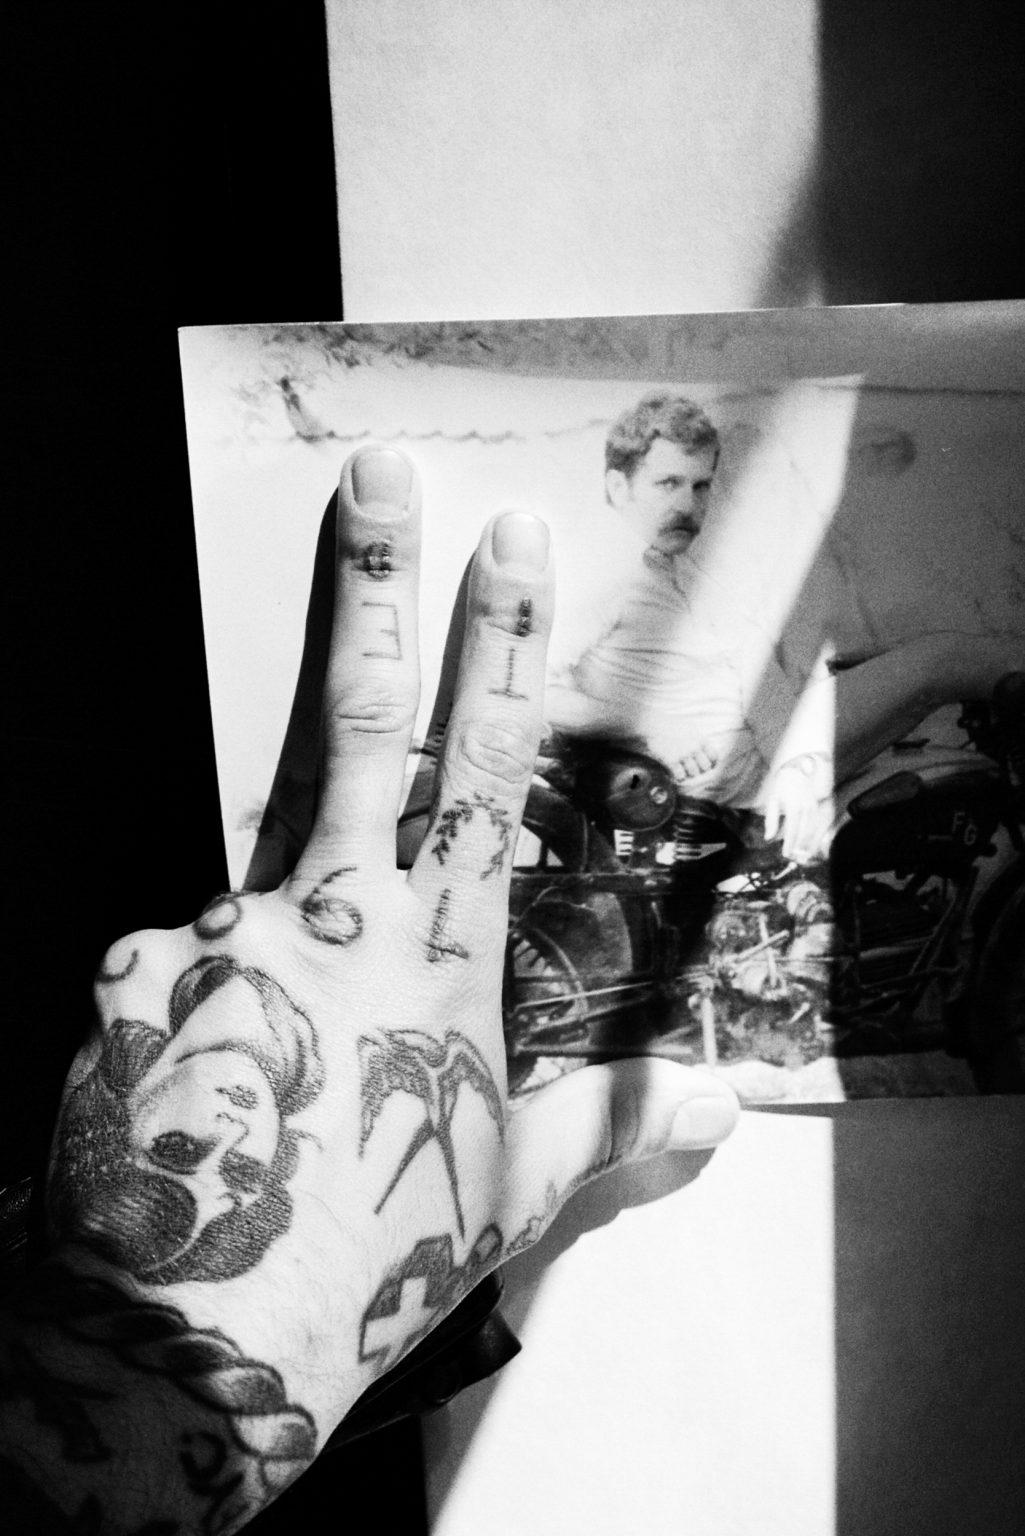 """Rome, 2017- """"Rome Diary"""" ( Rome 2007-2020)  is a long-term research that documents the city of Rome through stories of places and people. An investigation into different worlds, in a society where relationships, loneliness, abuse, love, nightlife, music and artists are explored, and finally the relationship between people and the city.A man show his tattoos and a photo of his father, Rome. .>< Rome, 2017 -Rome Diary Rome (2007-2020) è una ricerca a lungo termine che documenta la città di Roma attraverso storie di luoghi e  di persone. Un'indagine in mondi diversi, in una società in cui si esplorano le relazioni, la solitudine, gli abusi, l'amore, la vita notturna , la musica e gli artisti, ed infine il rapporto tra persone e città. Un uomo mostra dei tatuaggi e una foto di suo padre, Roma."""